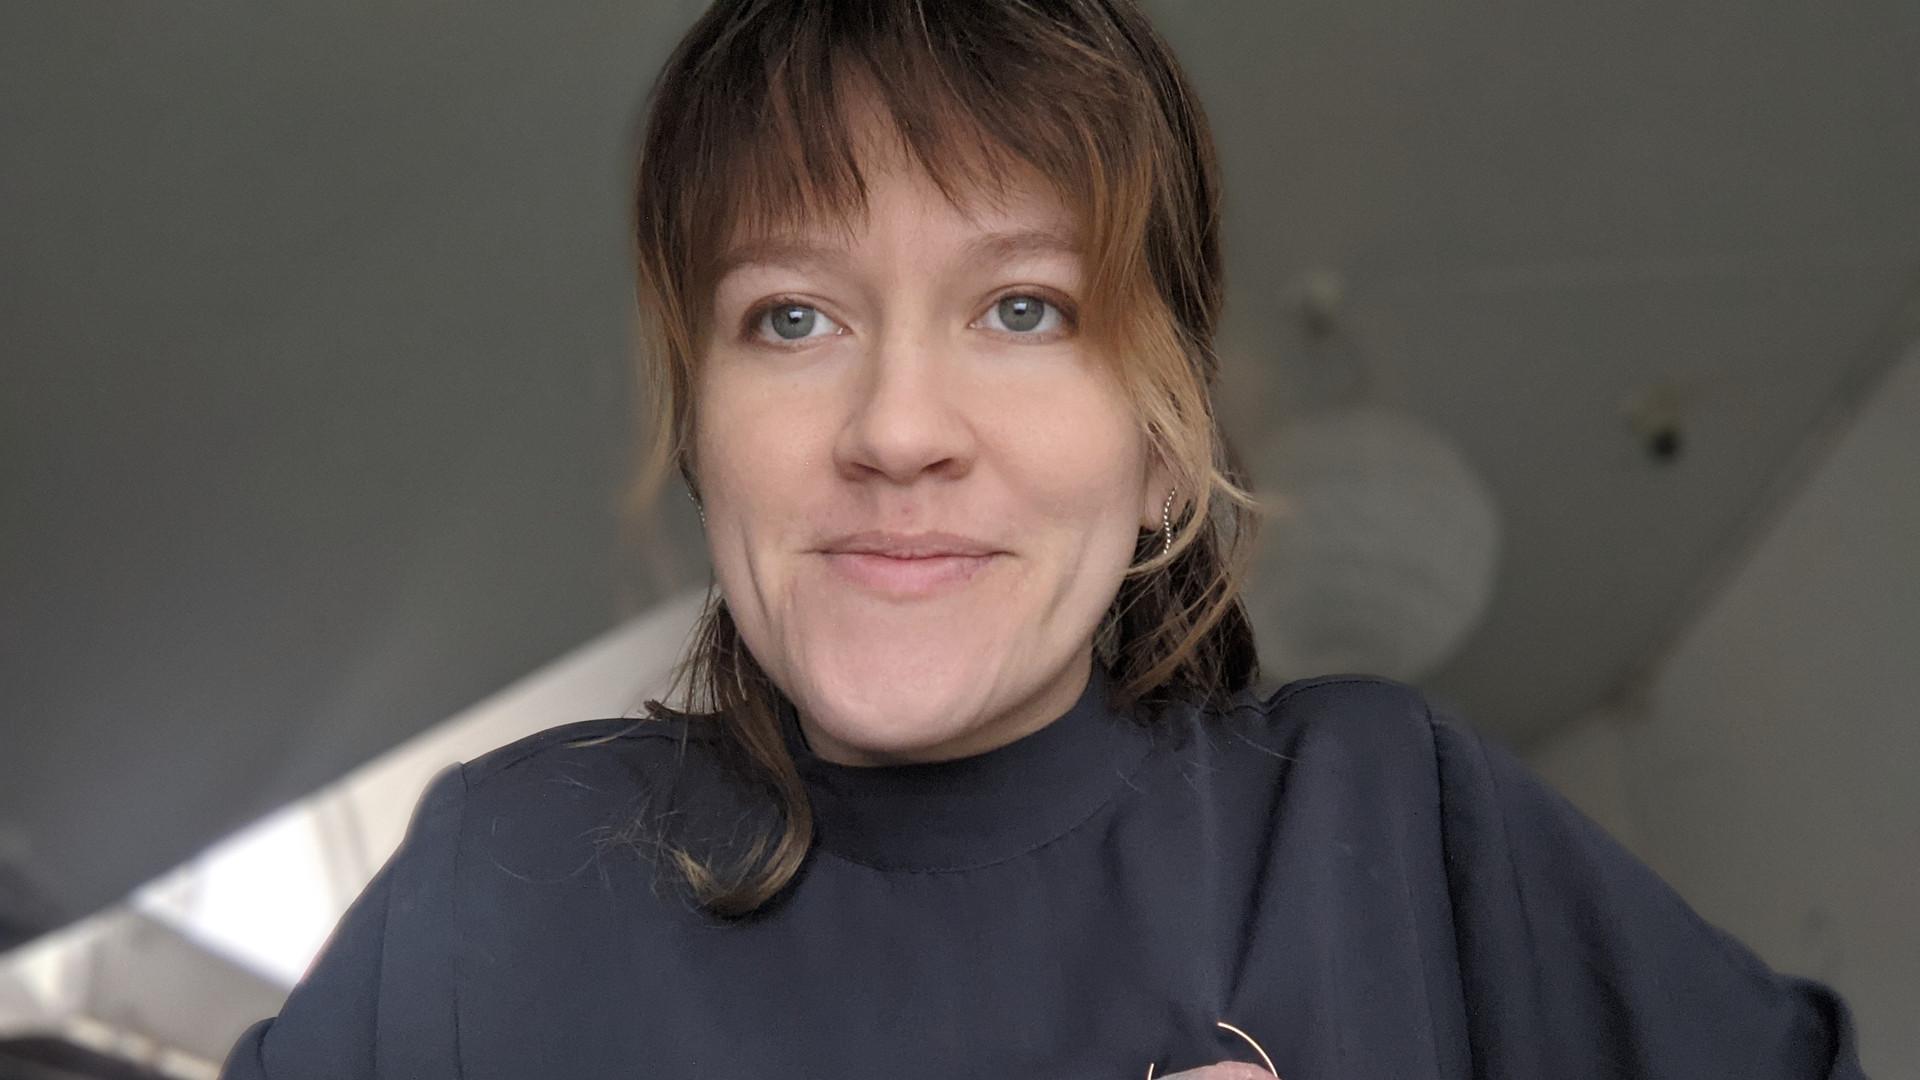 Jelizaveta Suska